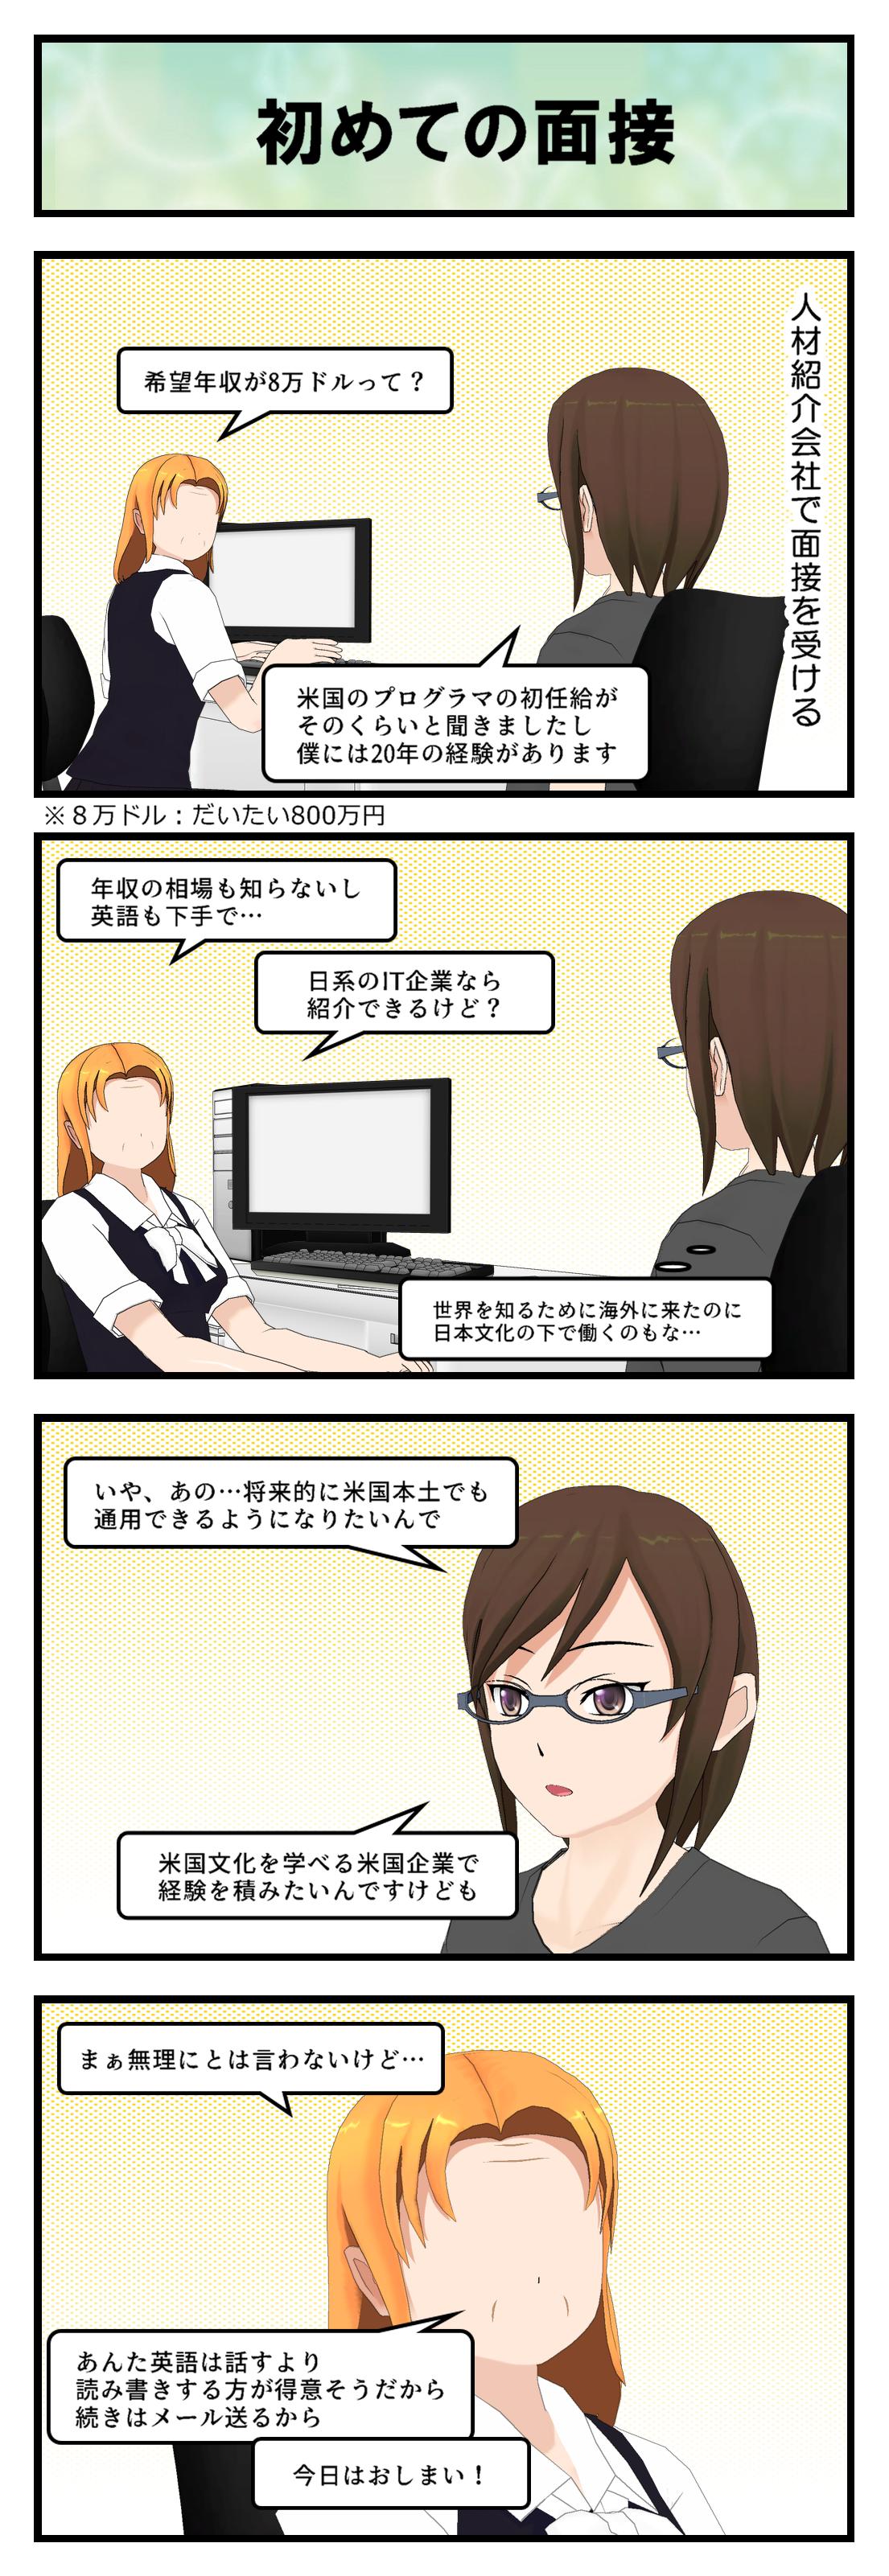 R418_面接_001